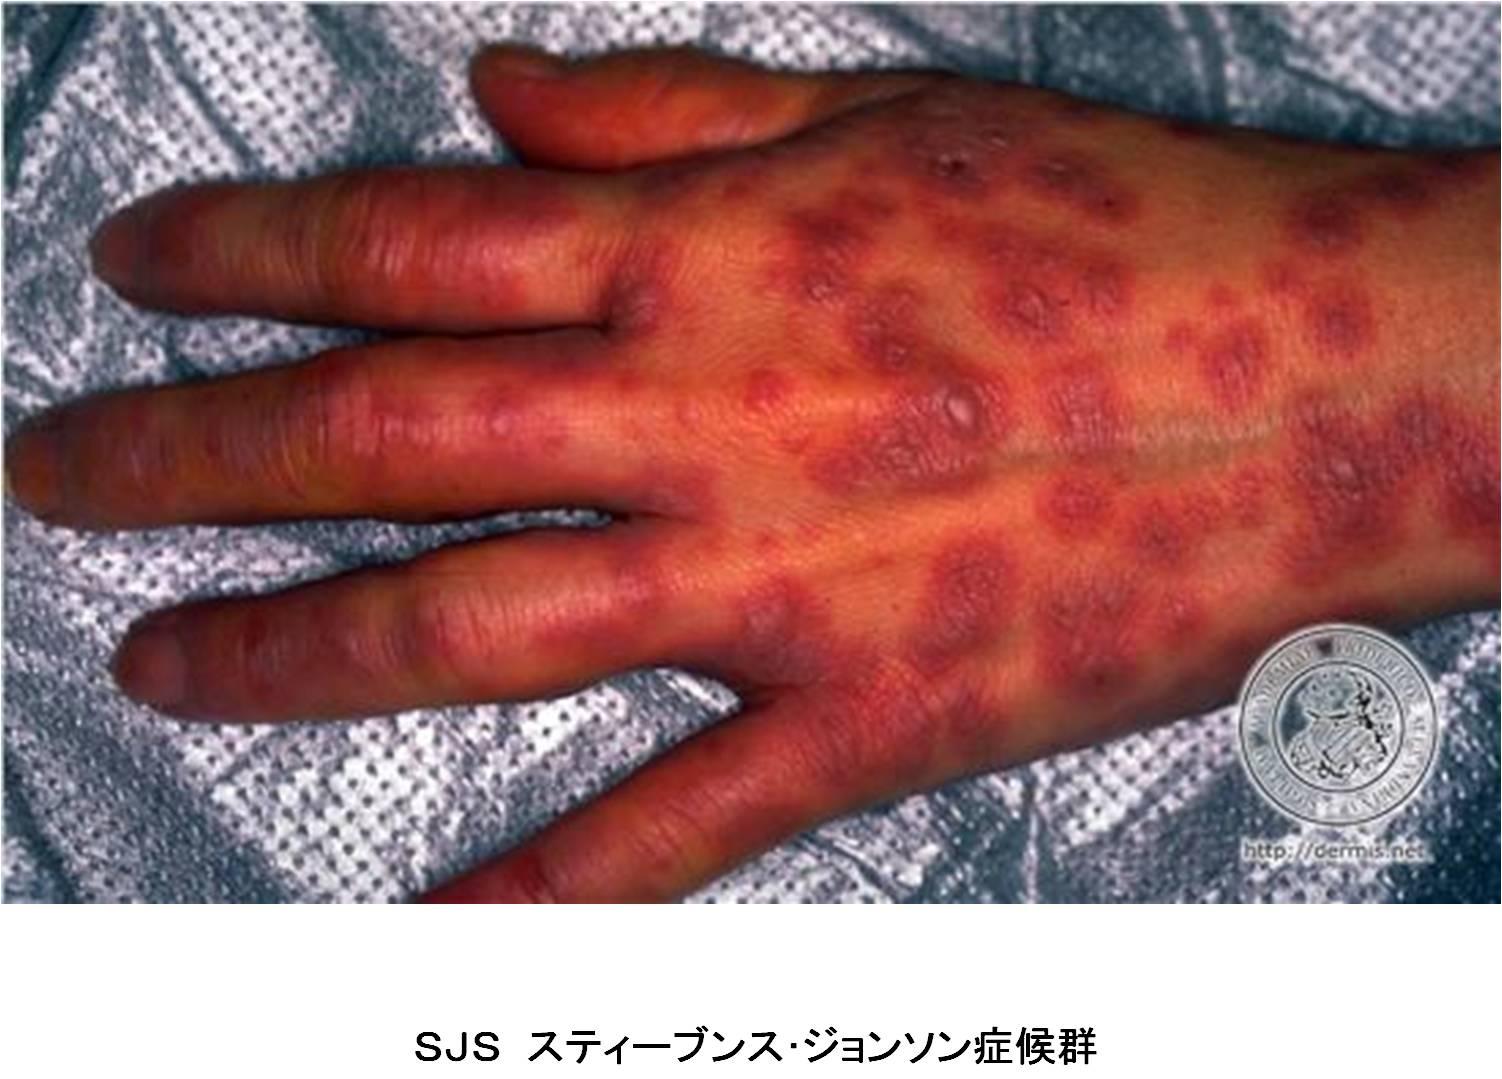 2013年3月26日教室 『薬の副作用、薬害について』_c0219616_153594.jpg